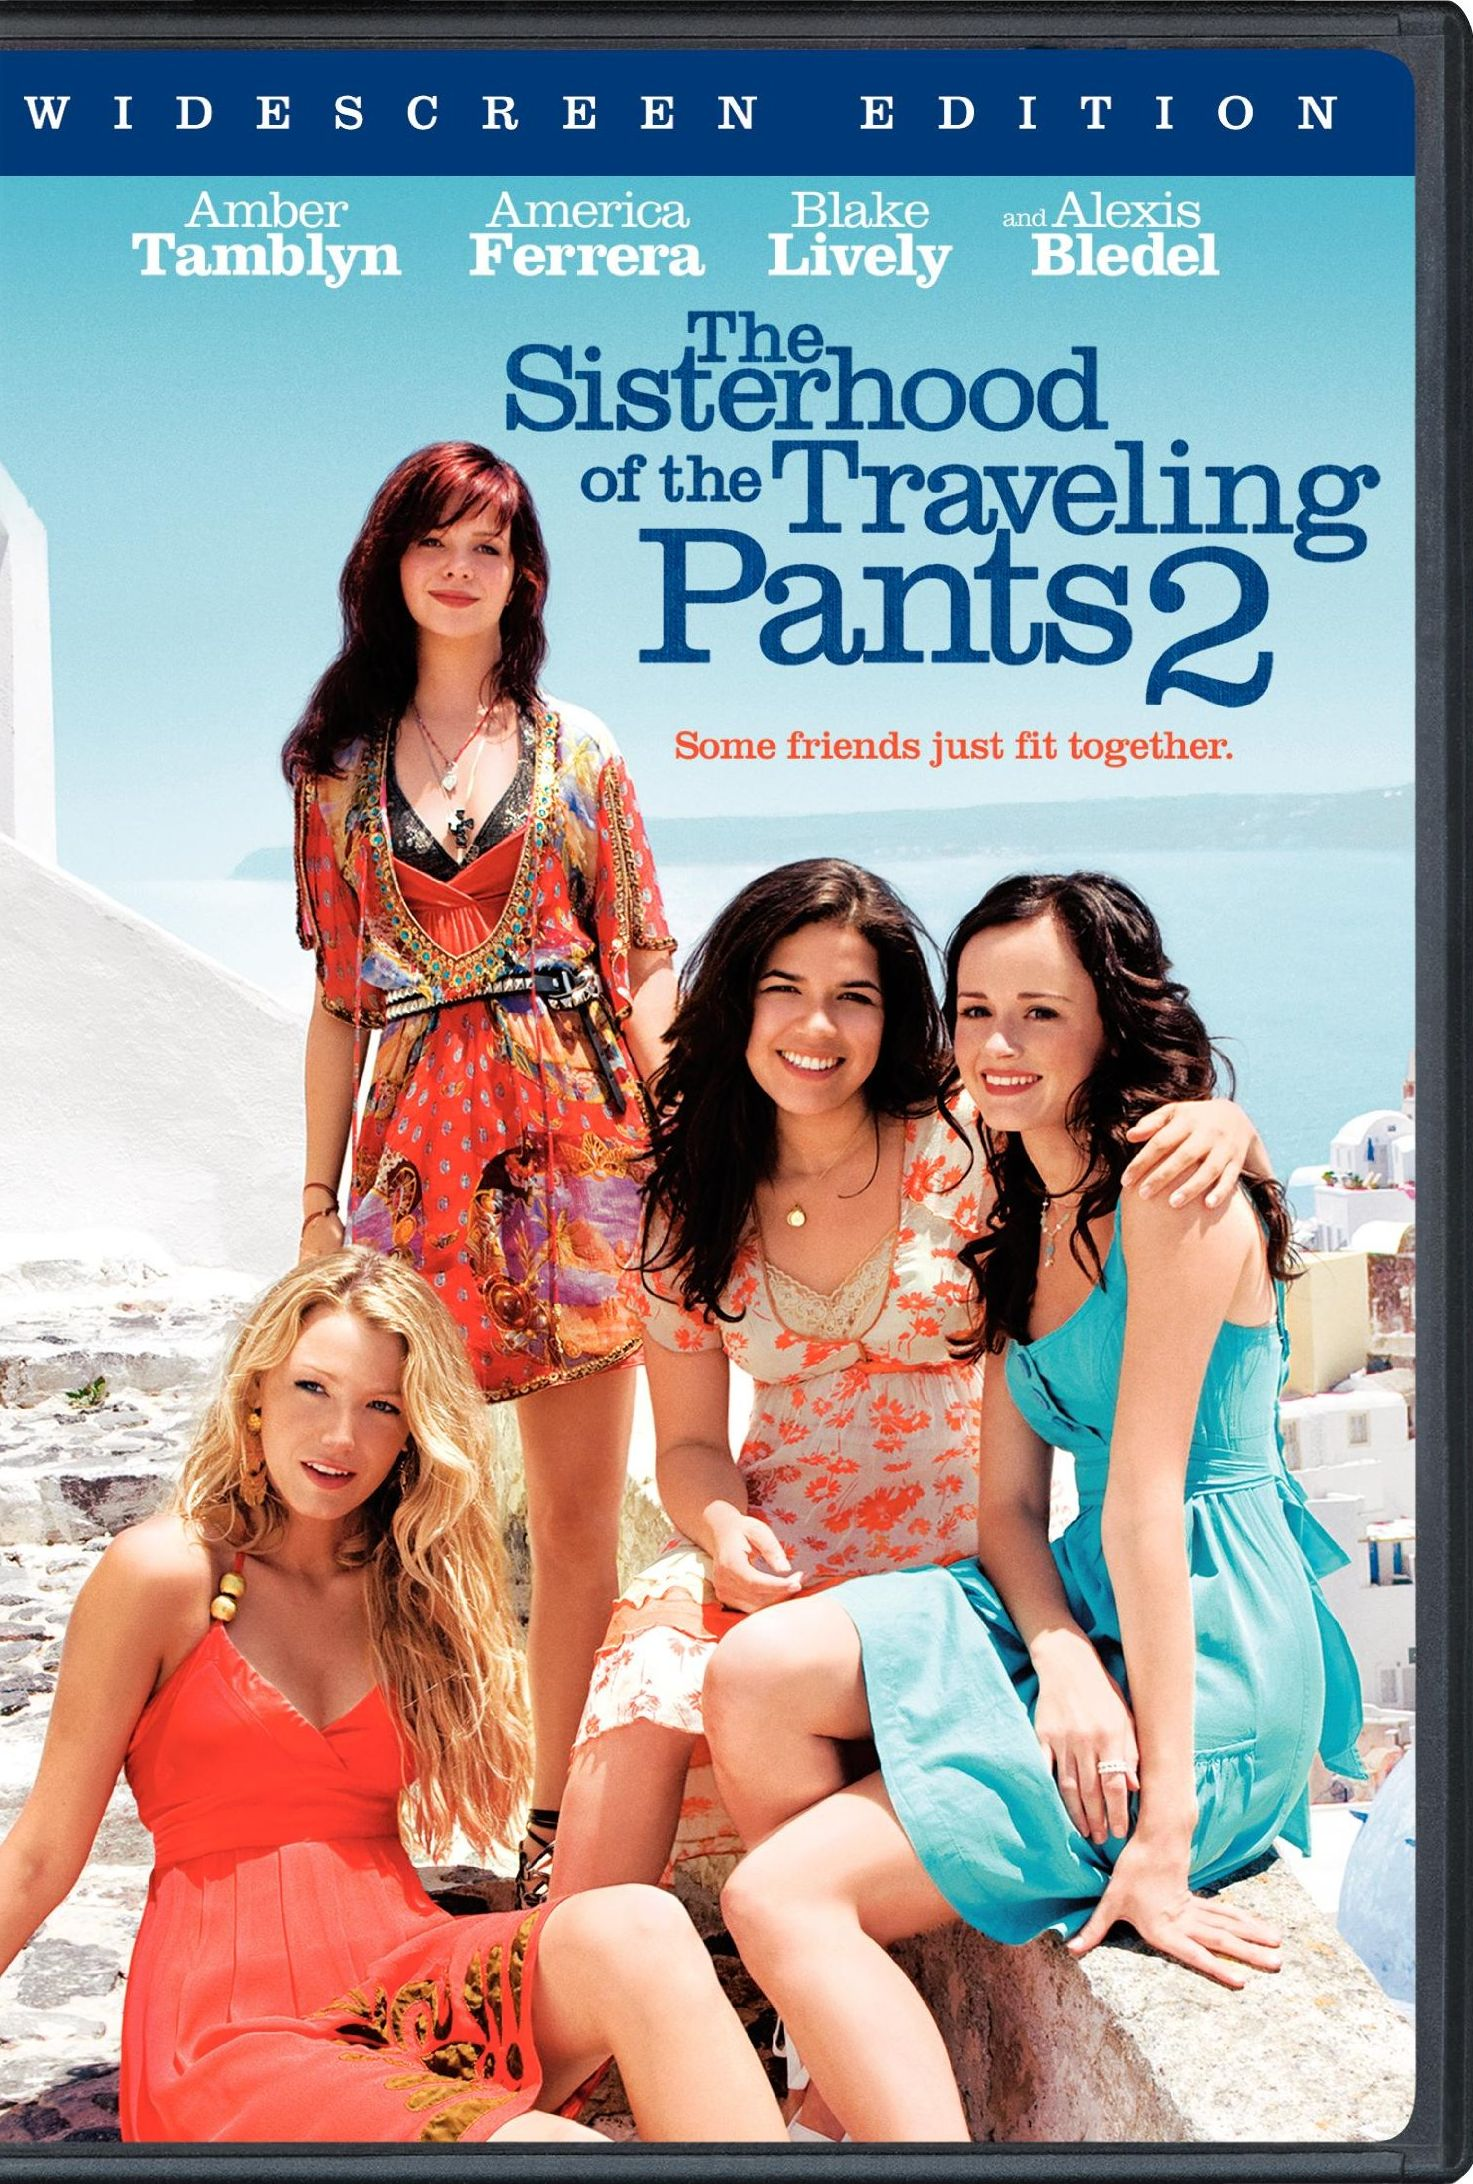 Stowarzyszenie wędrujących dżinsów 2 / The Sisterhood of the Traveling Pants 2